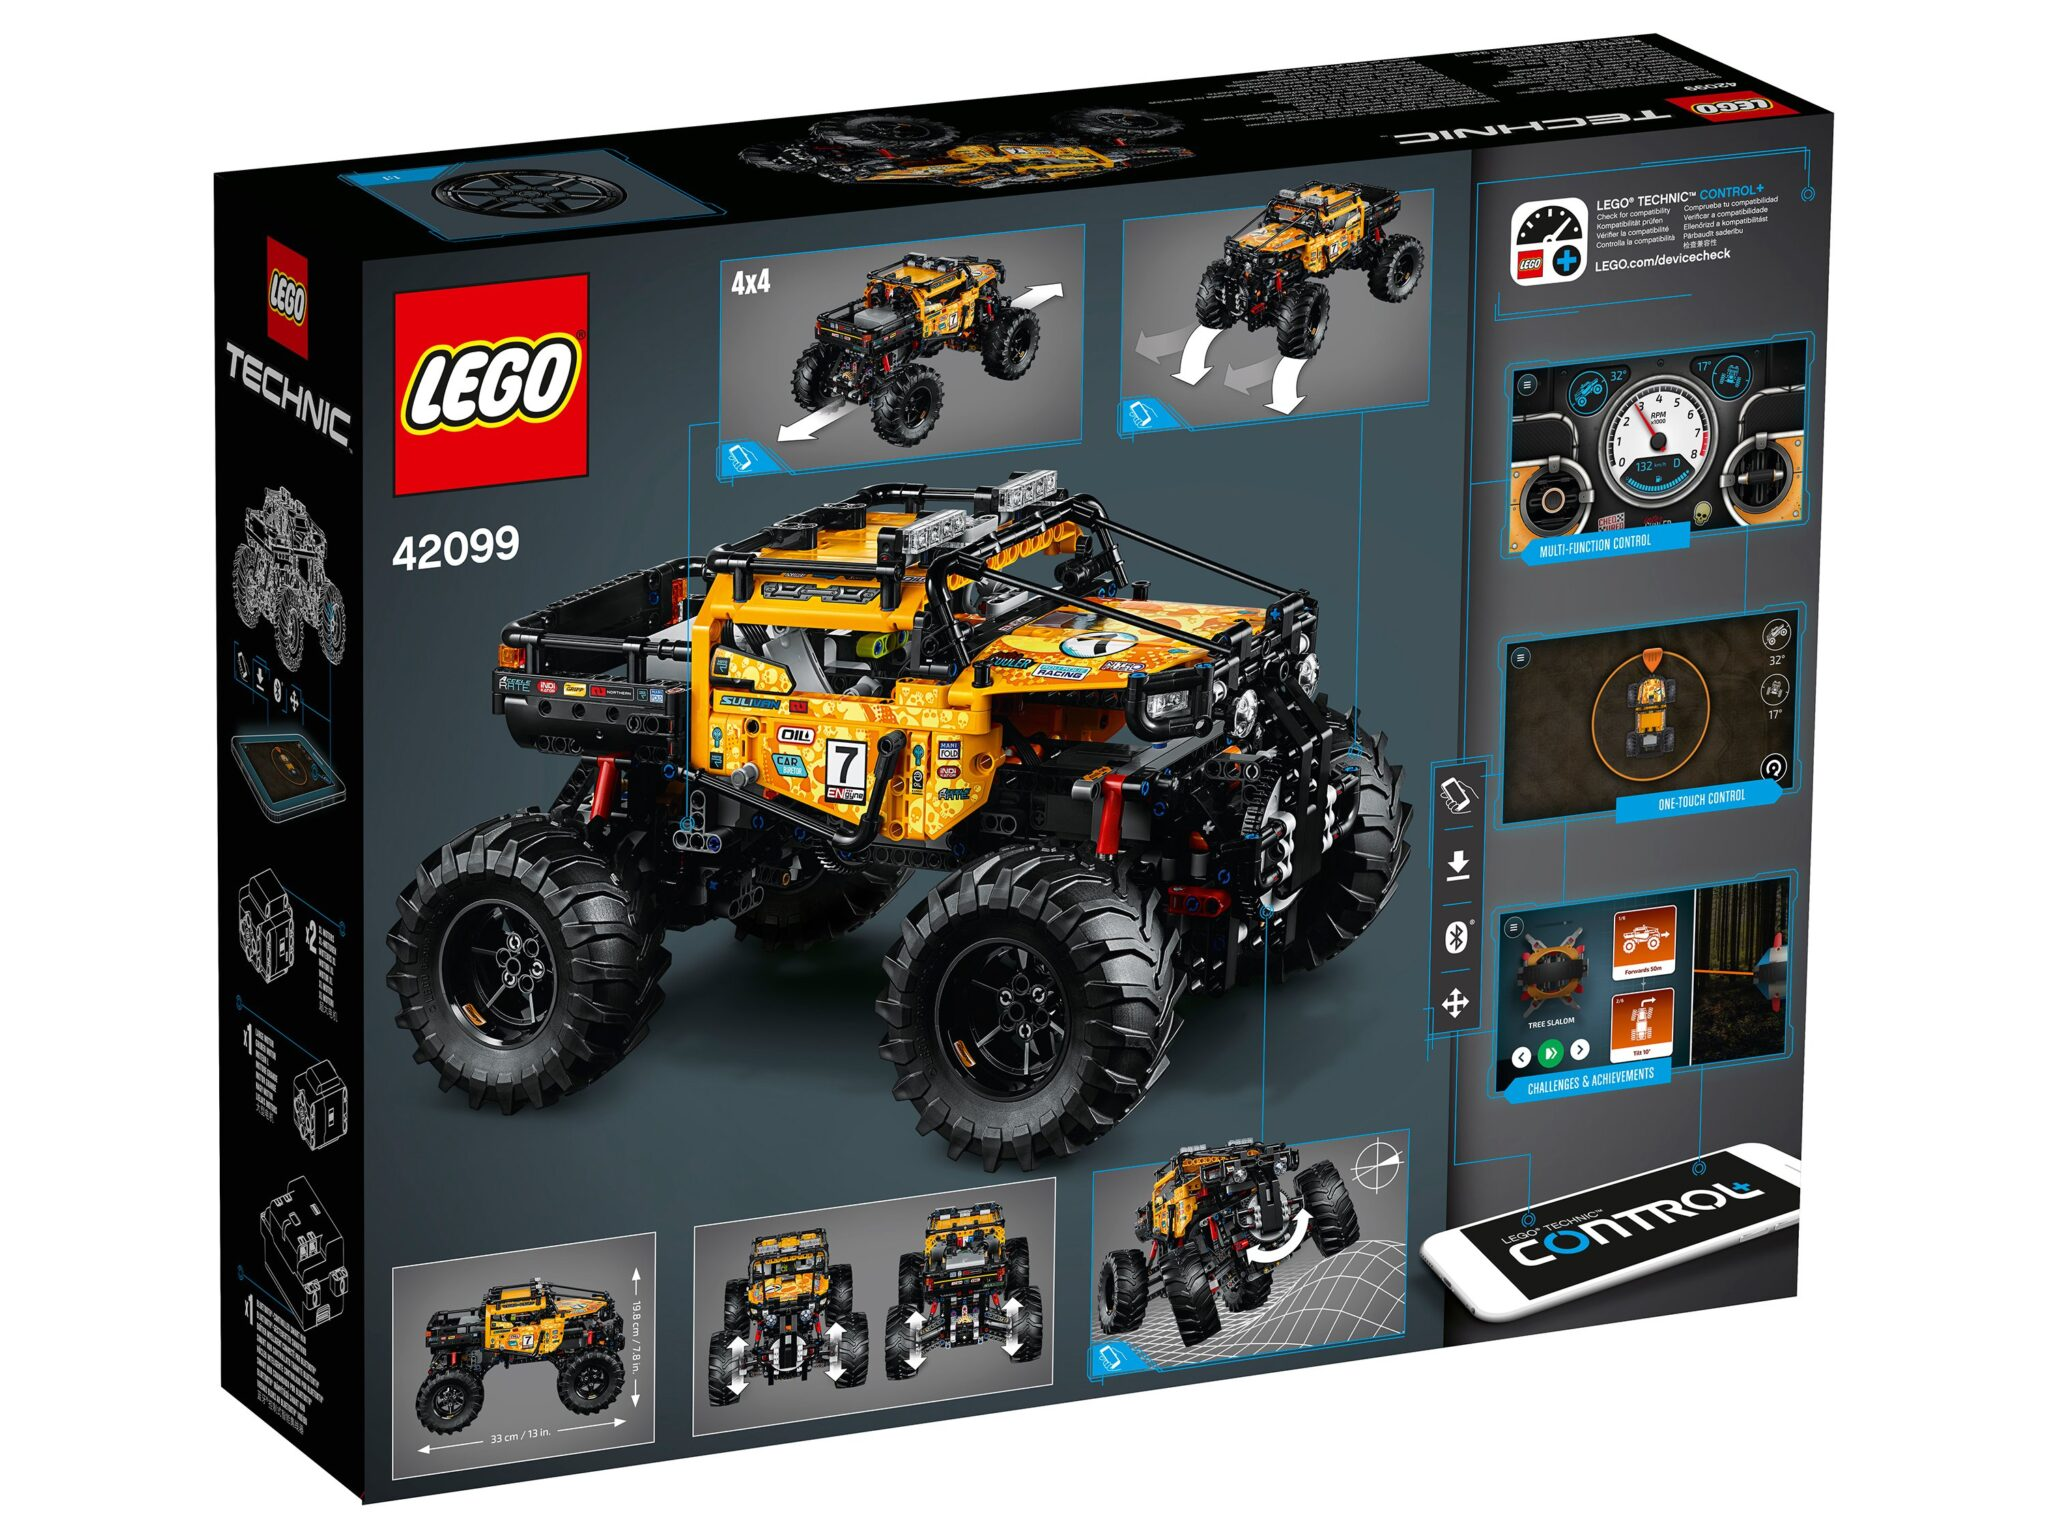 42099 Lego Technic - Экстремальный внедорожник